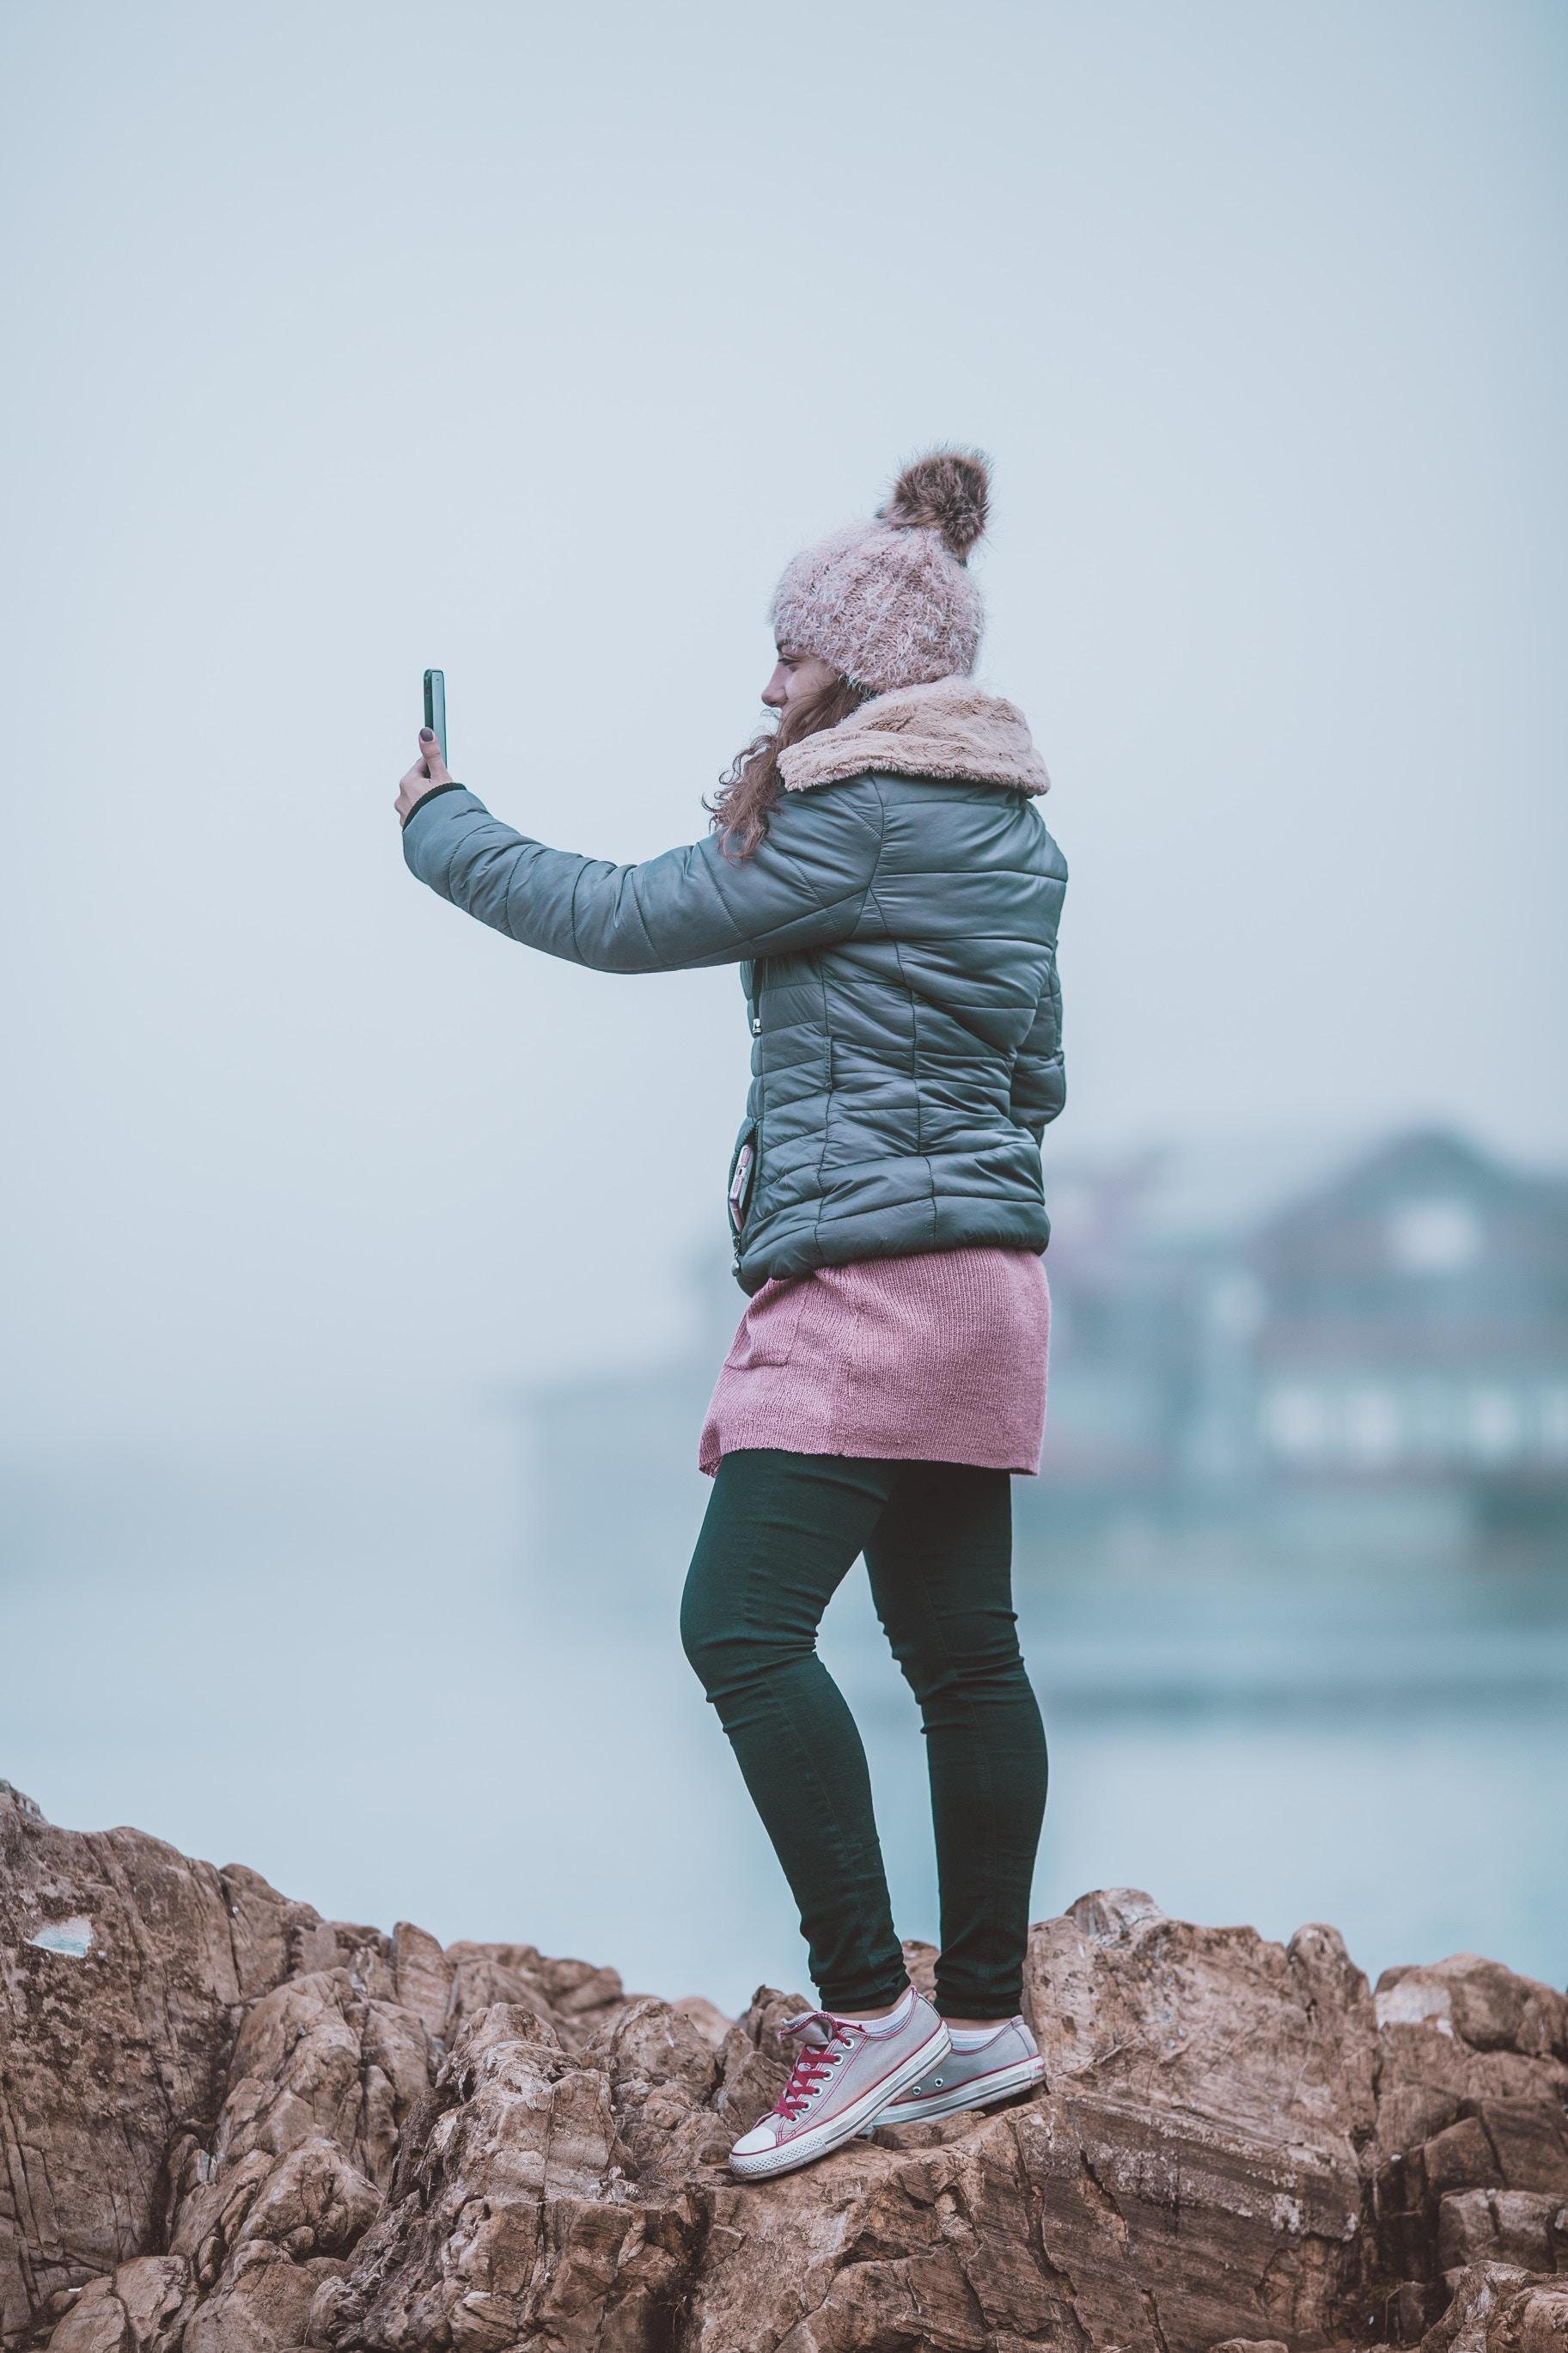 Gefährliche Touristenorte - Wenn das harmlose Selfie zur Gefahr wird